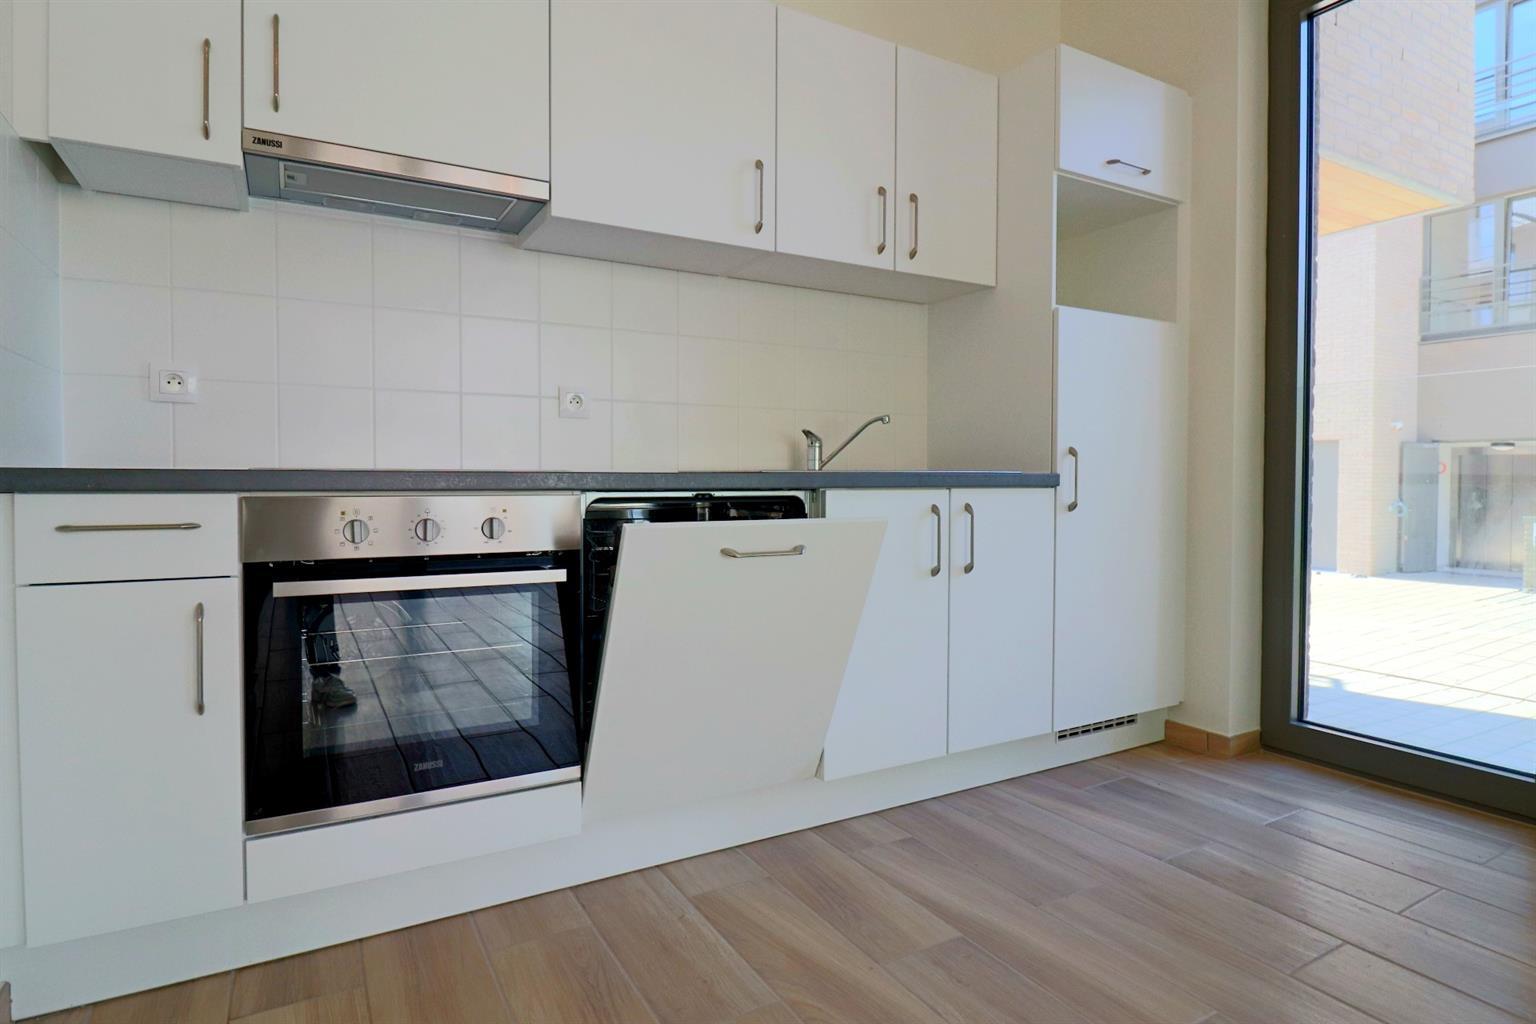 Appartement - Ottignies-Louvain-la-Neuve - #4406699-3